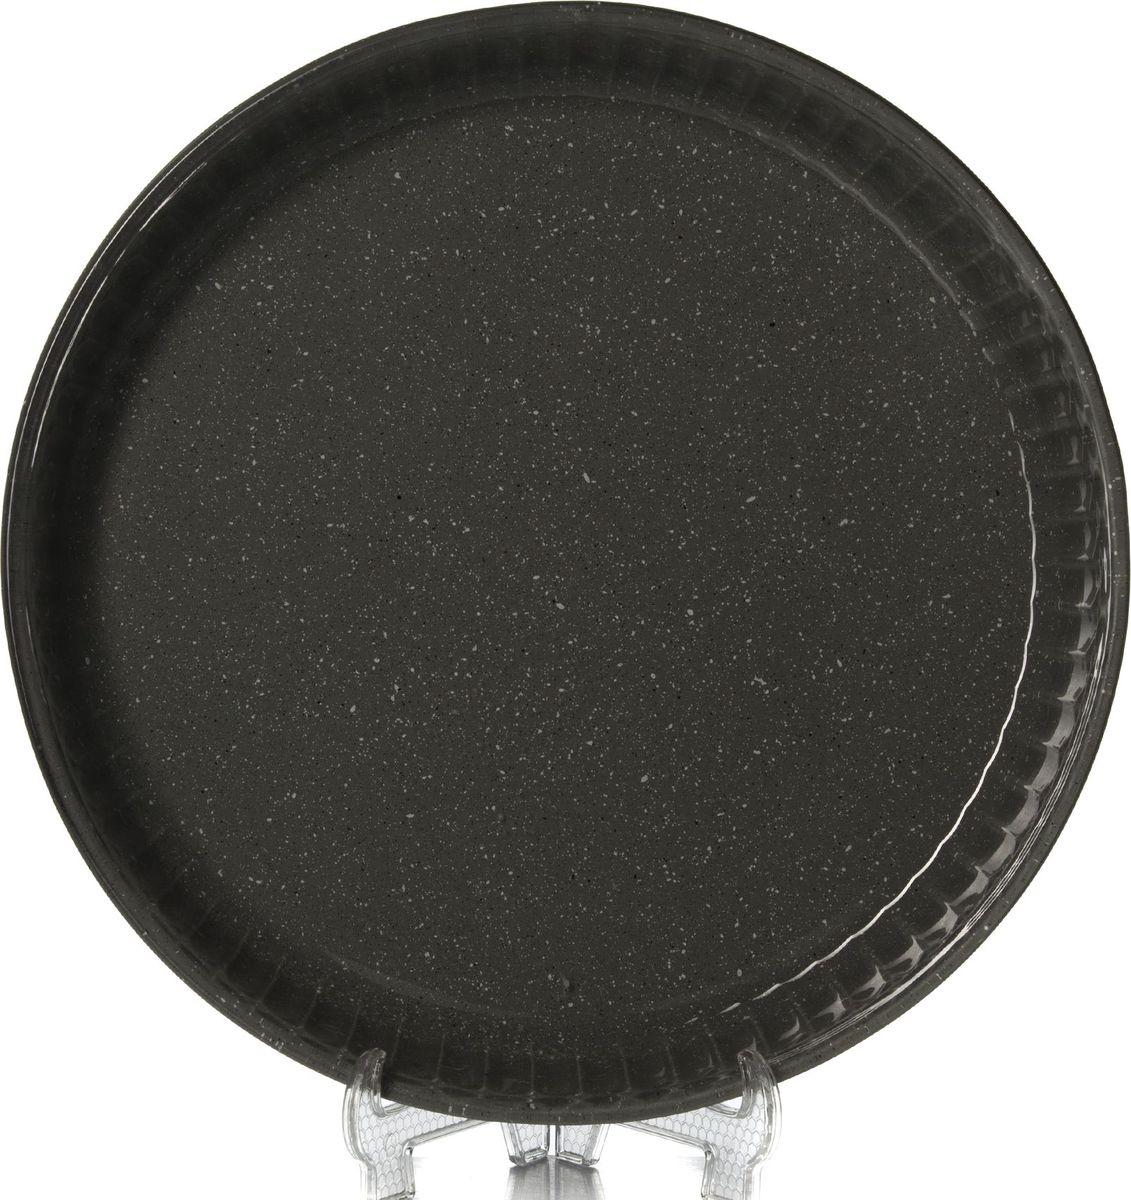 Форма для СВЧ Pasabahce, диаметр 32 см. 59014DGR59014DGRКруглая форма Pasabahce выполнена из цветного непрозрачного жаропрочного стекла, что позволяет использовать ее для запекания различных блюд. Форма не вступает в реакцию с готовящейся пищей, не выделяет никаких вредных веществ и не подвергается воздействию кислот и солей. Из-за невысокой теплопроводности пища в стеклянной посуде гораздо медленнее остывает. Поэтому в такой форме вы можете как приготовить пищу, так и изящно подать ее к столу, не меняя посуды. Благодаря прозрачности стекла за едой можно наблюдать при ее готовке. Стеклянная посуда очень удобна для приготовления и подачи самых разнообразных блюд.Форма дополнена рельефом с внутренней стороны. Посуду можно использовать в СВЧ и духовом шкафу при температуре до +300°С, ставить в морозилку при температуре -40°С, а также мыть в посудомоечной машине. Диаметр формы: 32 см.